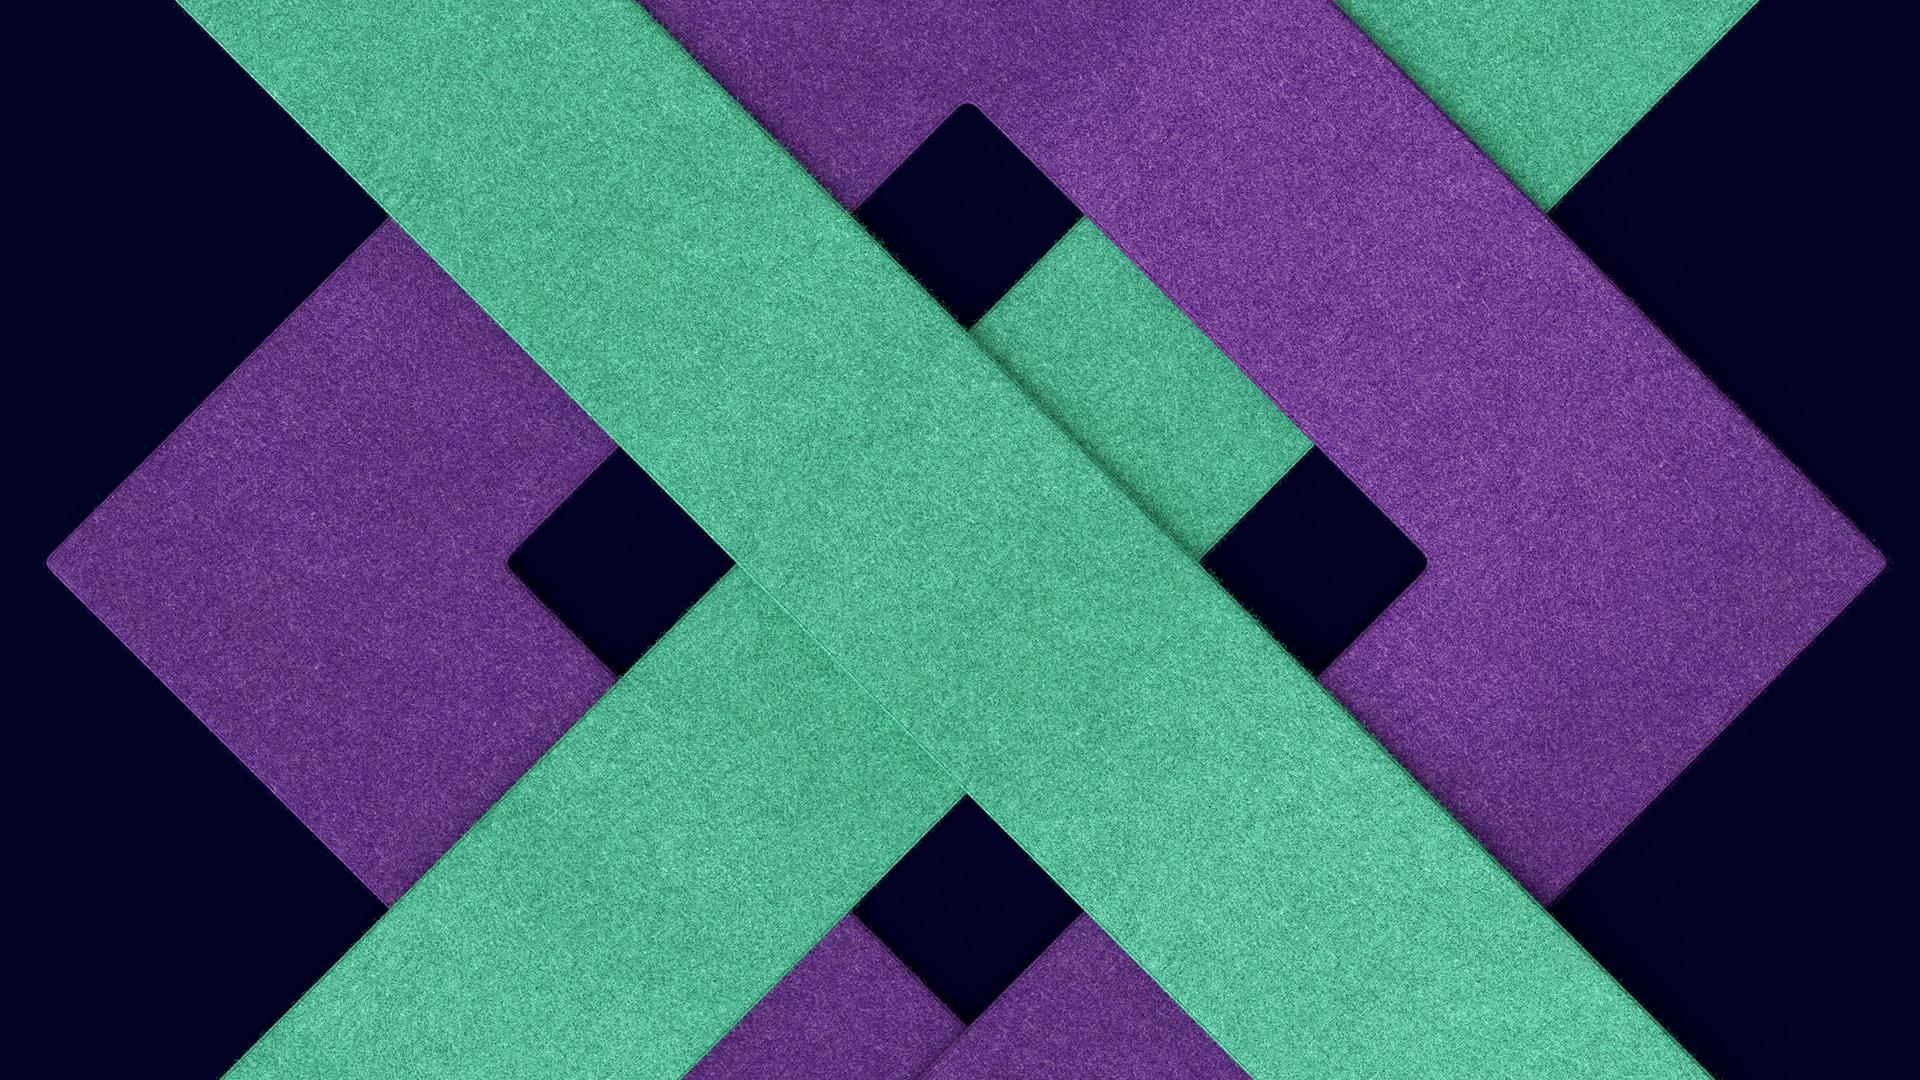 Loom-logo-animation-image-08